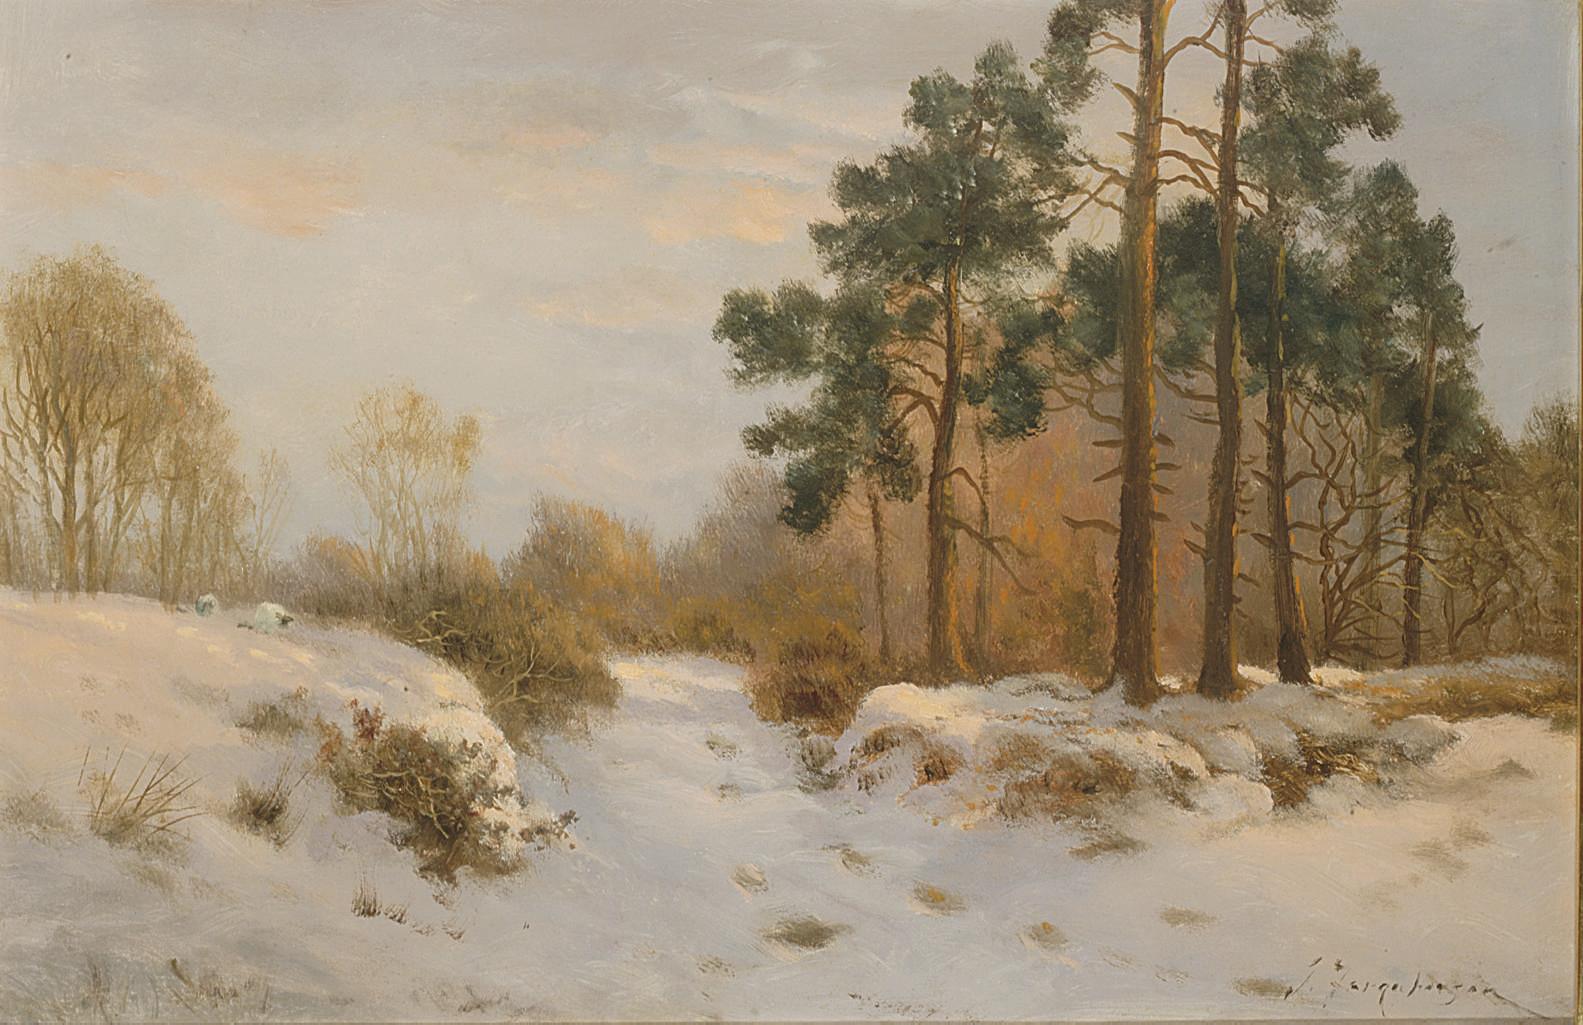 A Winter's Day, the Last Gleam